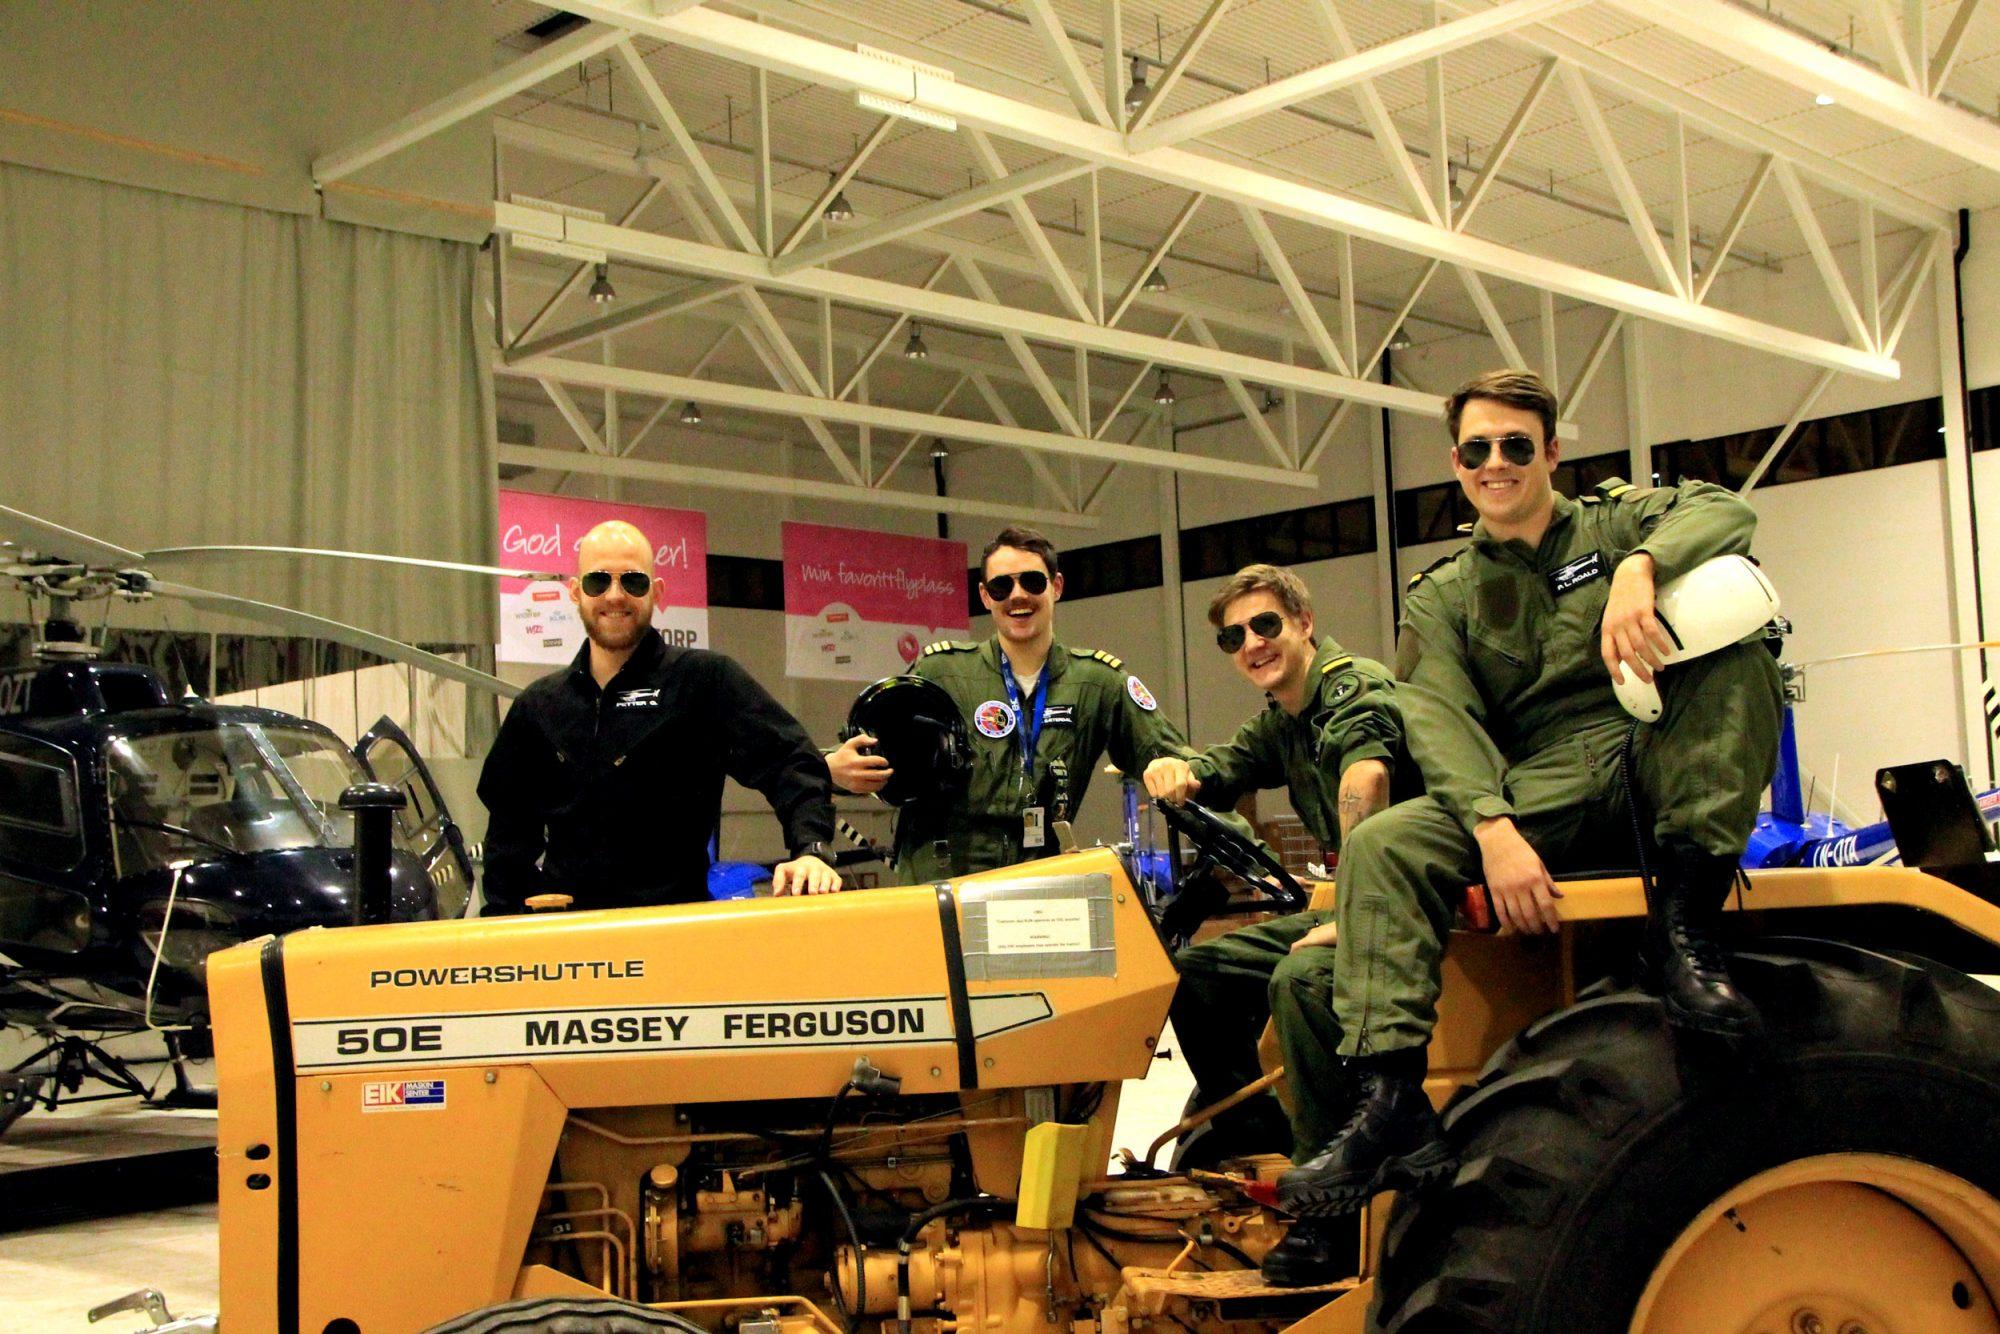 Hva gjør pilotstudentene når de ikke flyr?